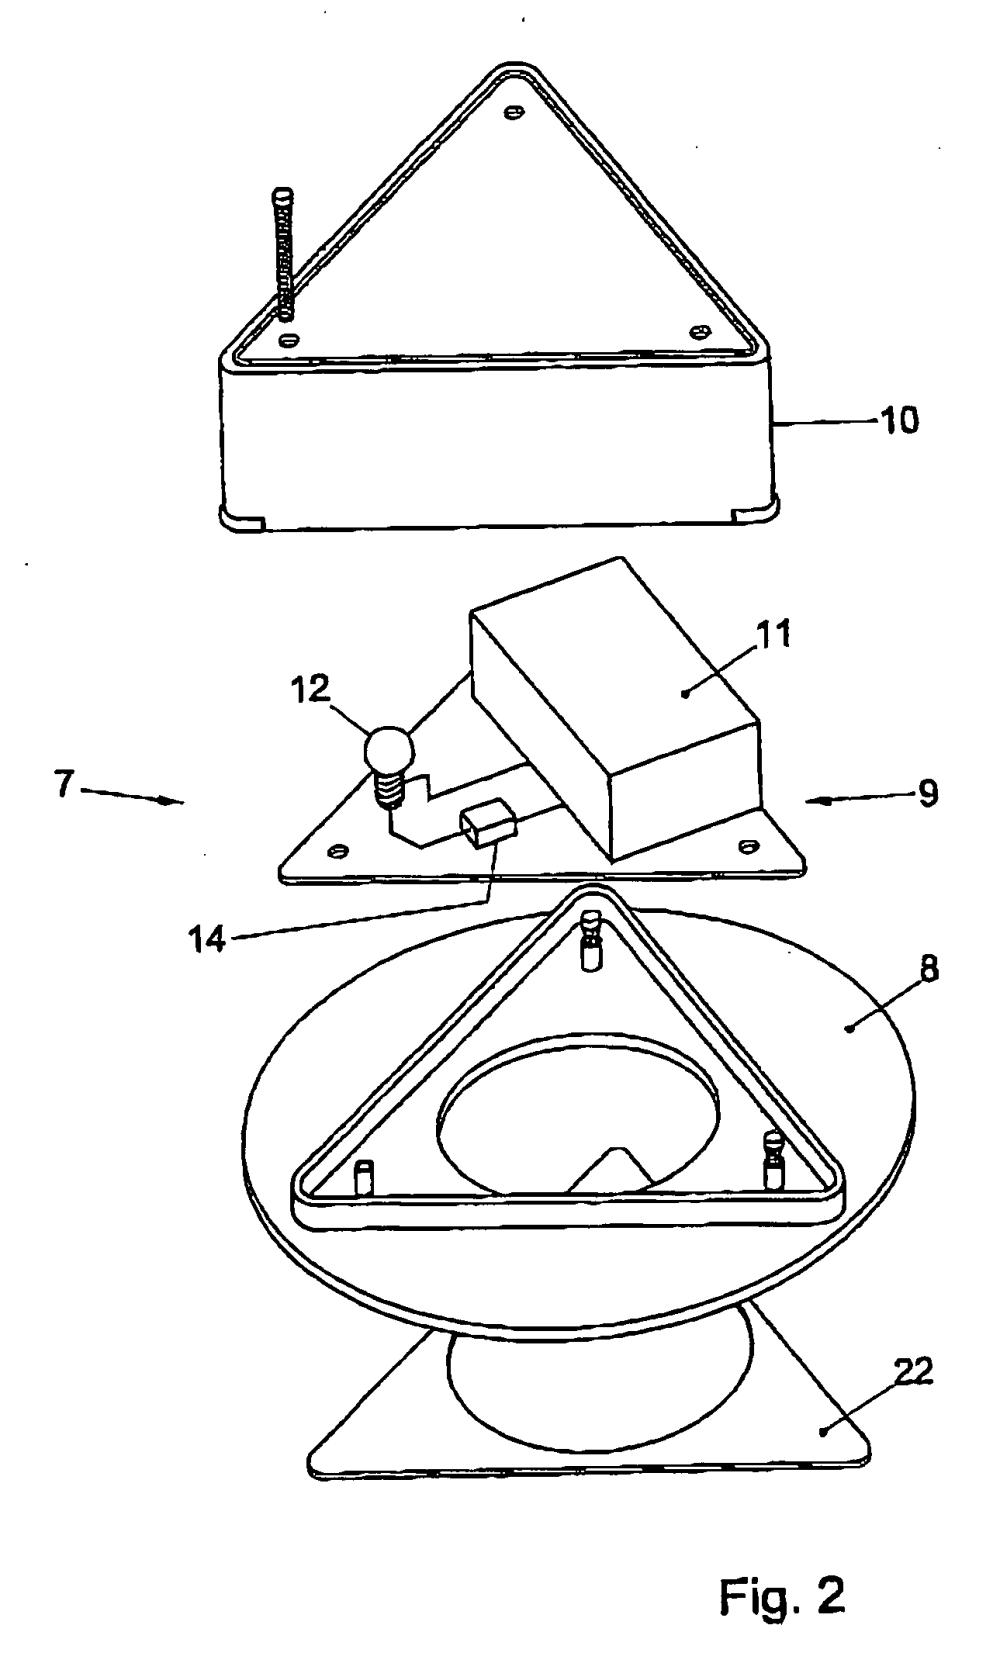 medium resolution of federal signal light bar wiring diagram federal free